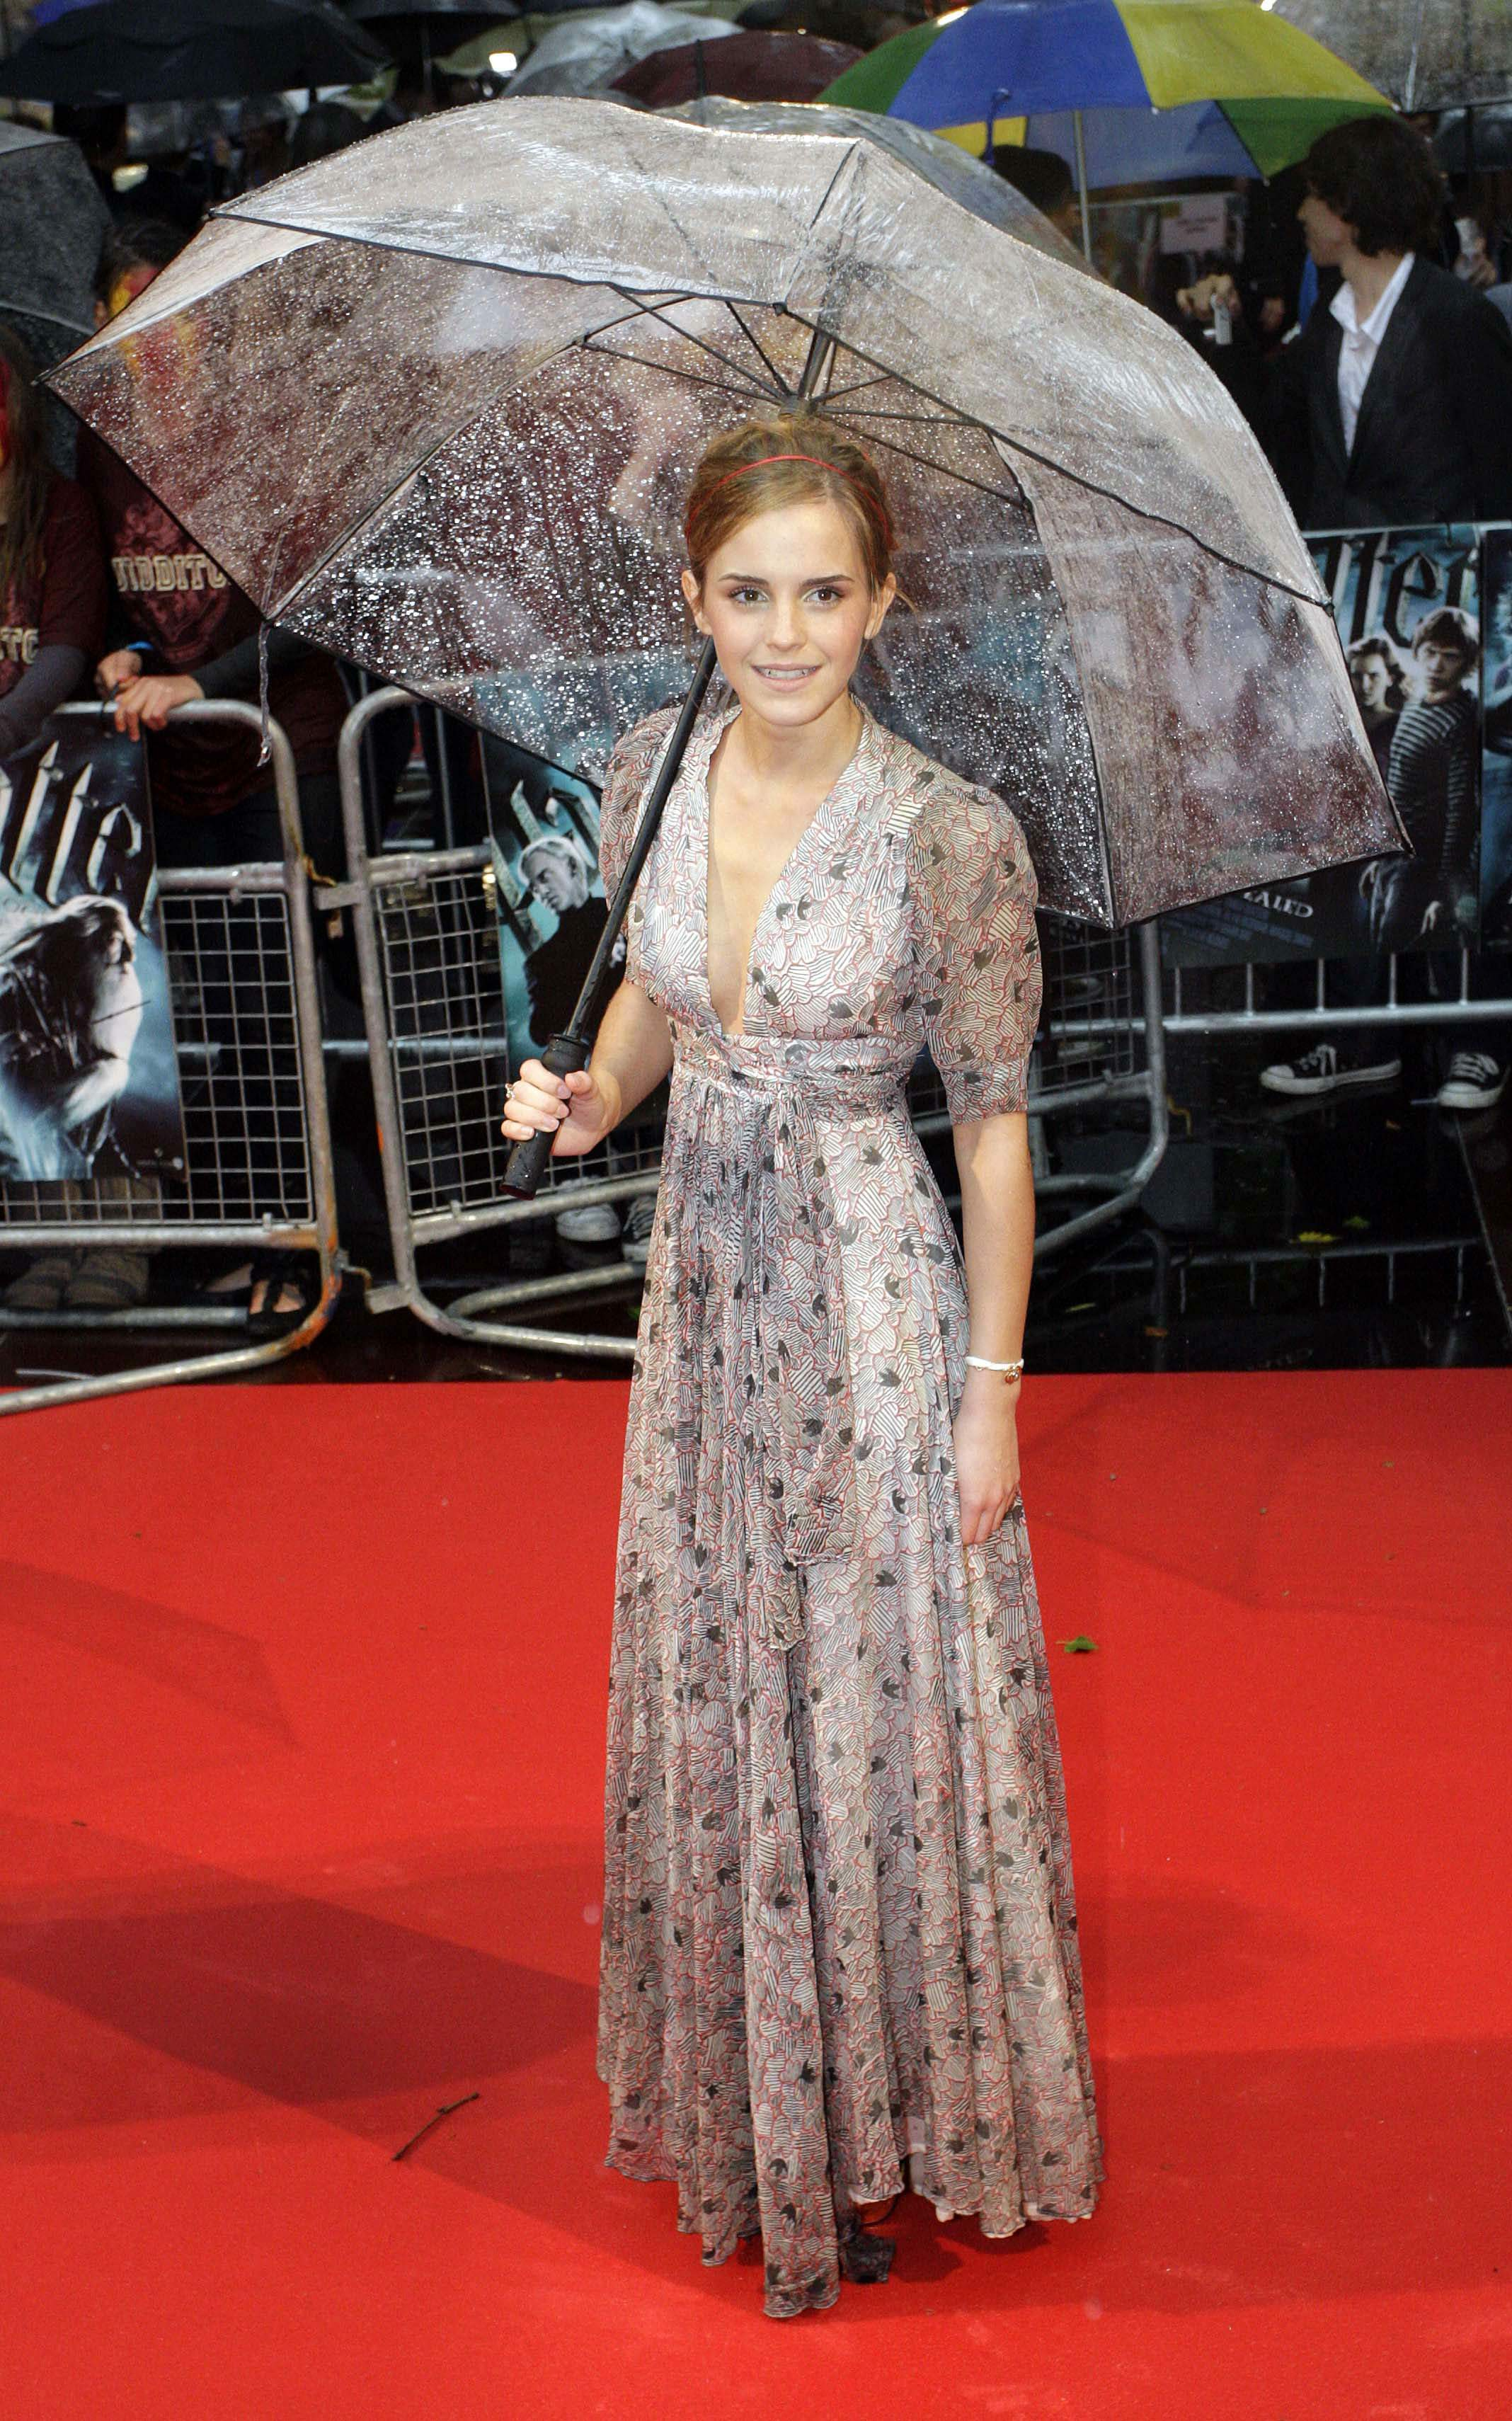 50737_Emma_Watson_HPaTHBP_premiere_in_London04051_122_495lo.jpg